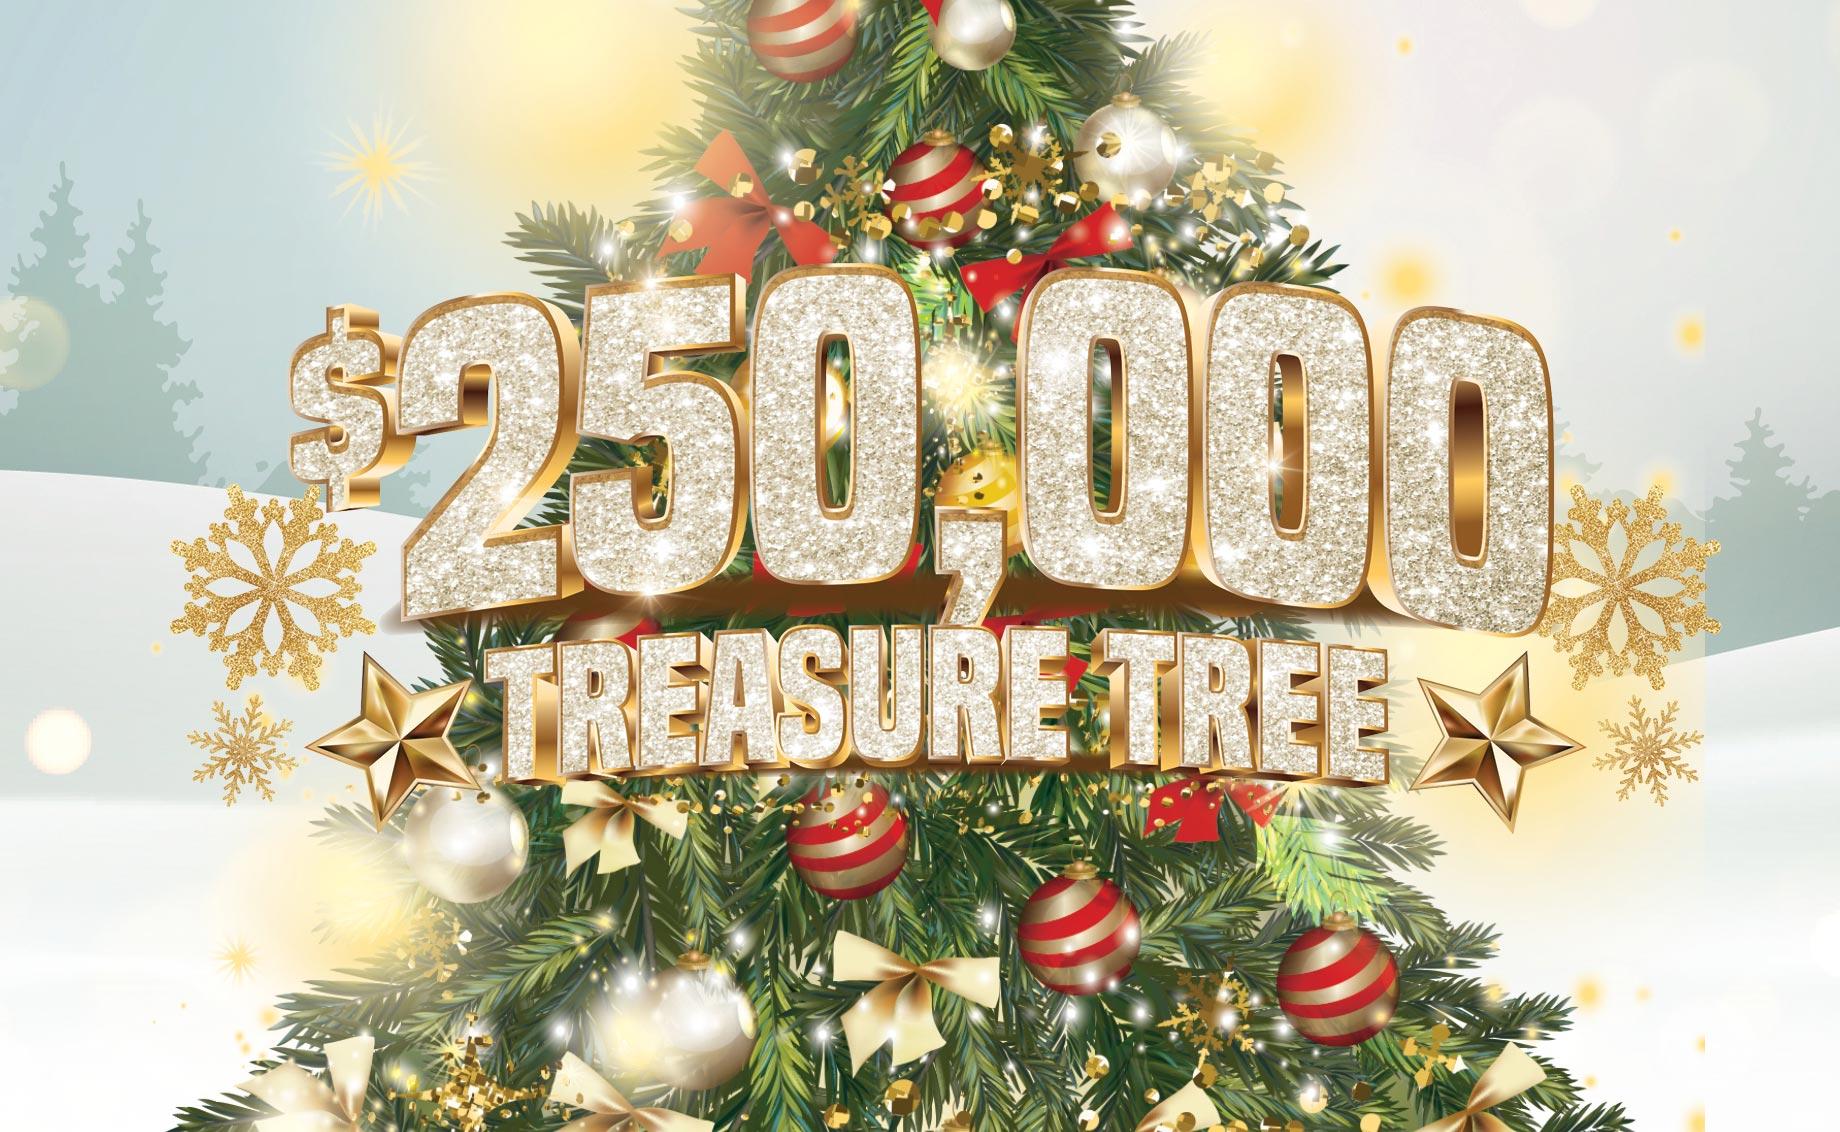 $250,000 Treasure Tree Giveaway